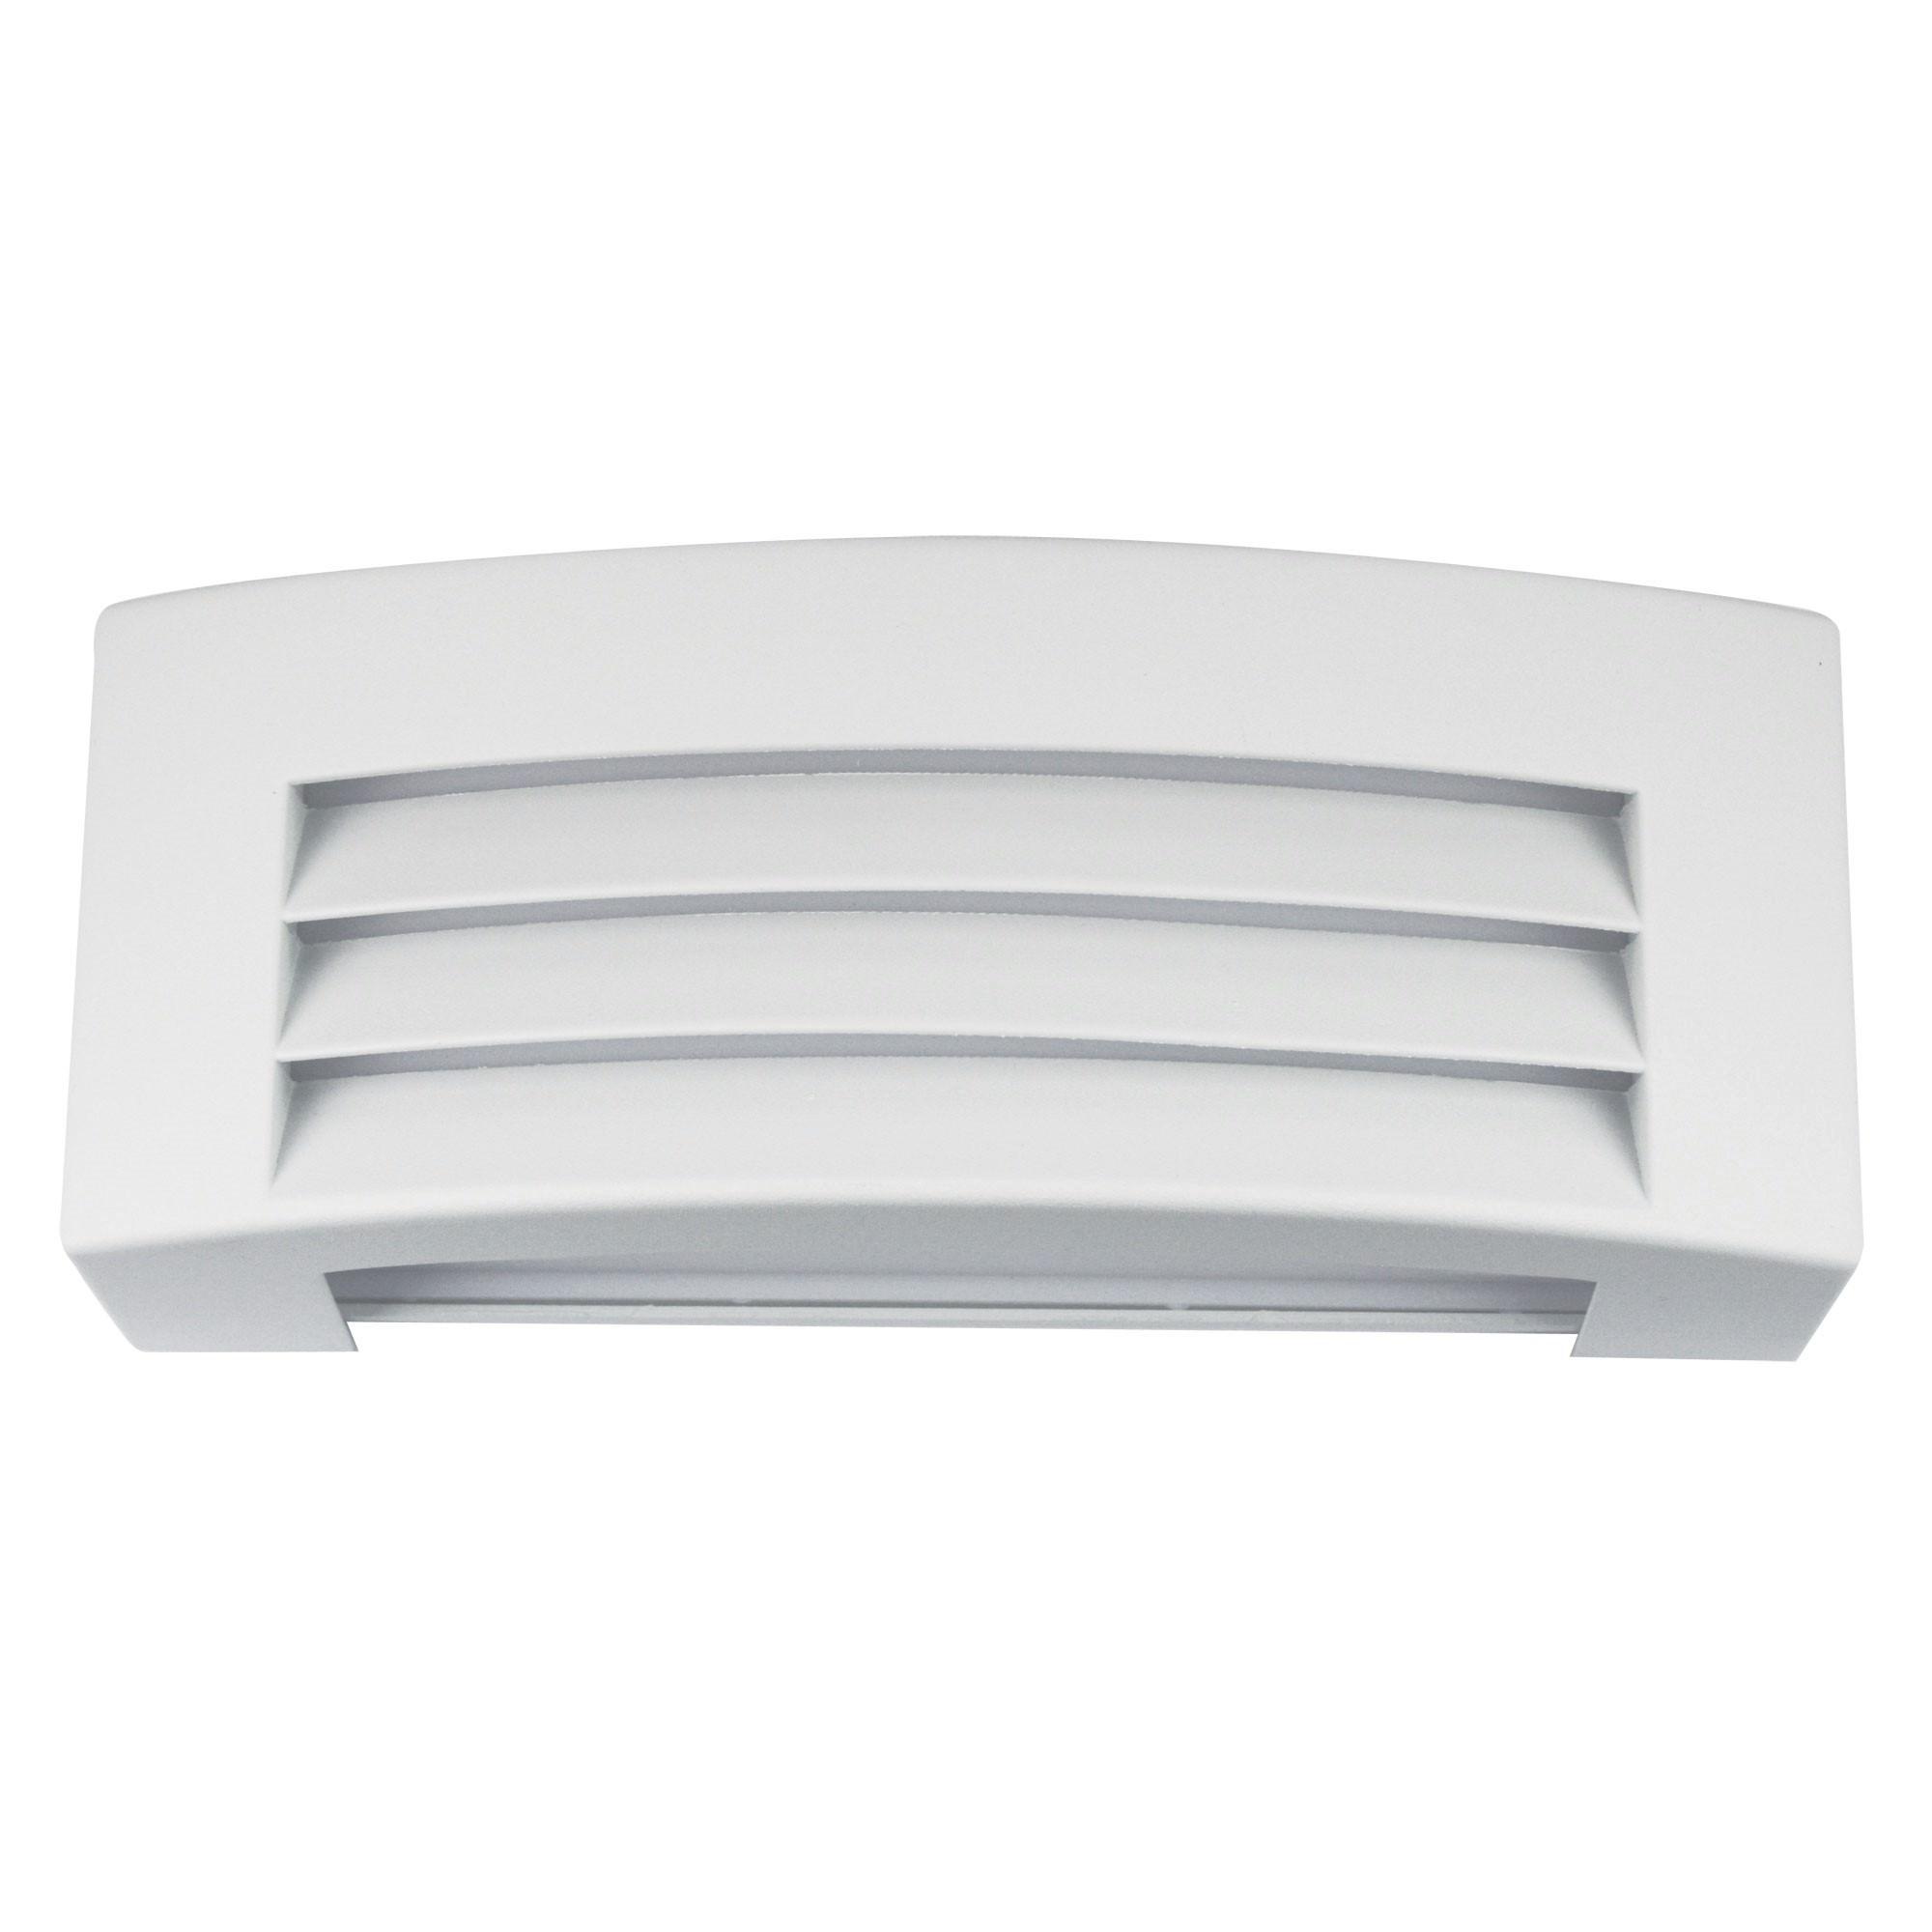 Visor IP54 Exterior Bulkhead Wall Light, White